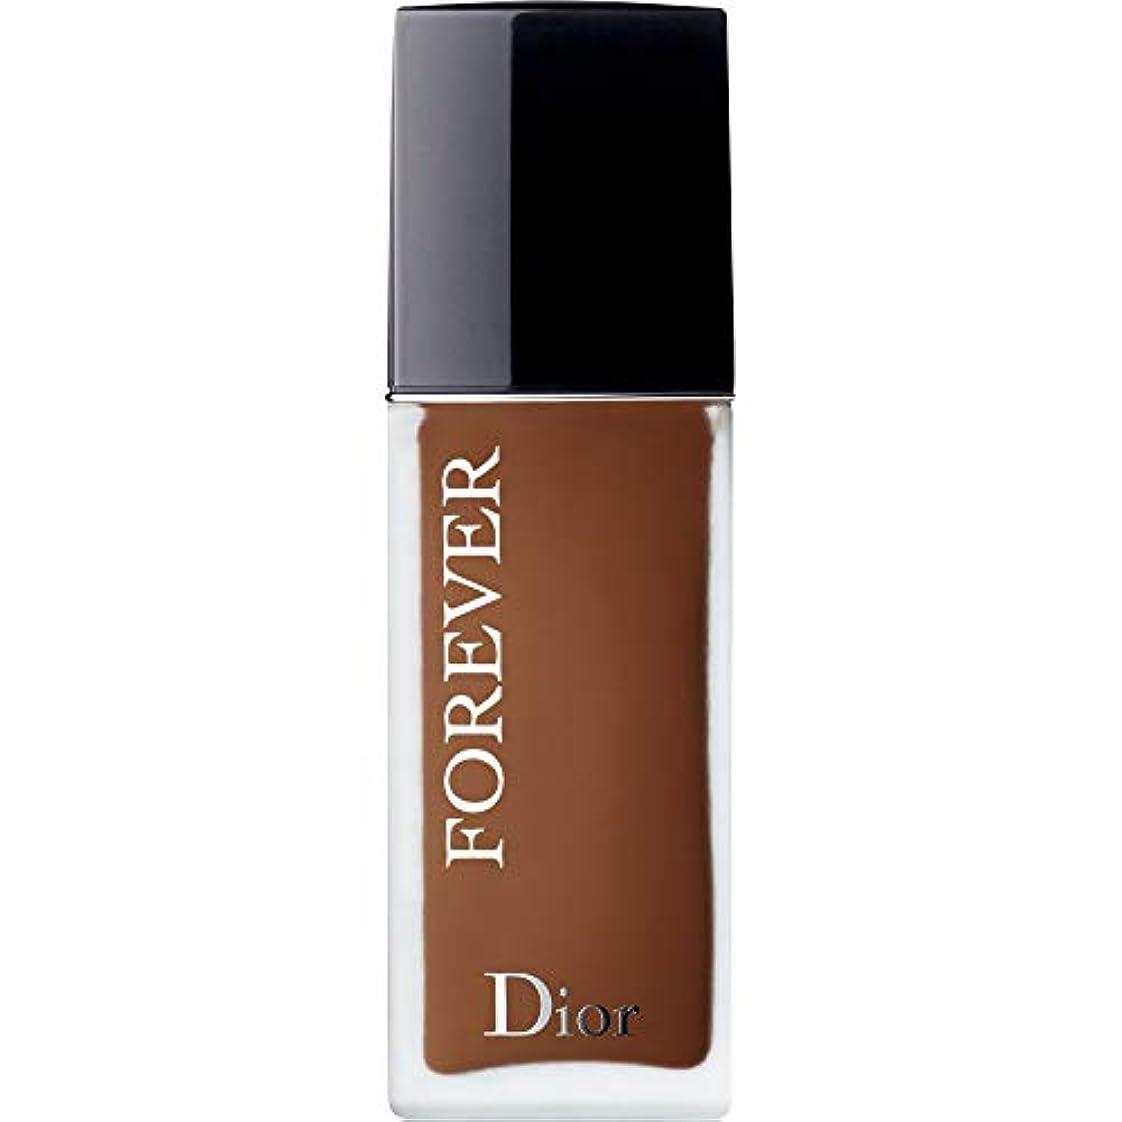 禁止する変換ローズ[Dior ] ディオール永遠皮膚思いやりの基盤Spf35 30ミリリットルの8N - ニュートラル(つや消し) - DIOR Forever Skin-Caring Foundation SPF35 30ml 8N -...